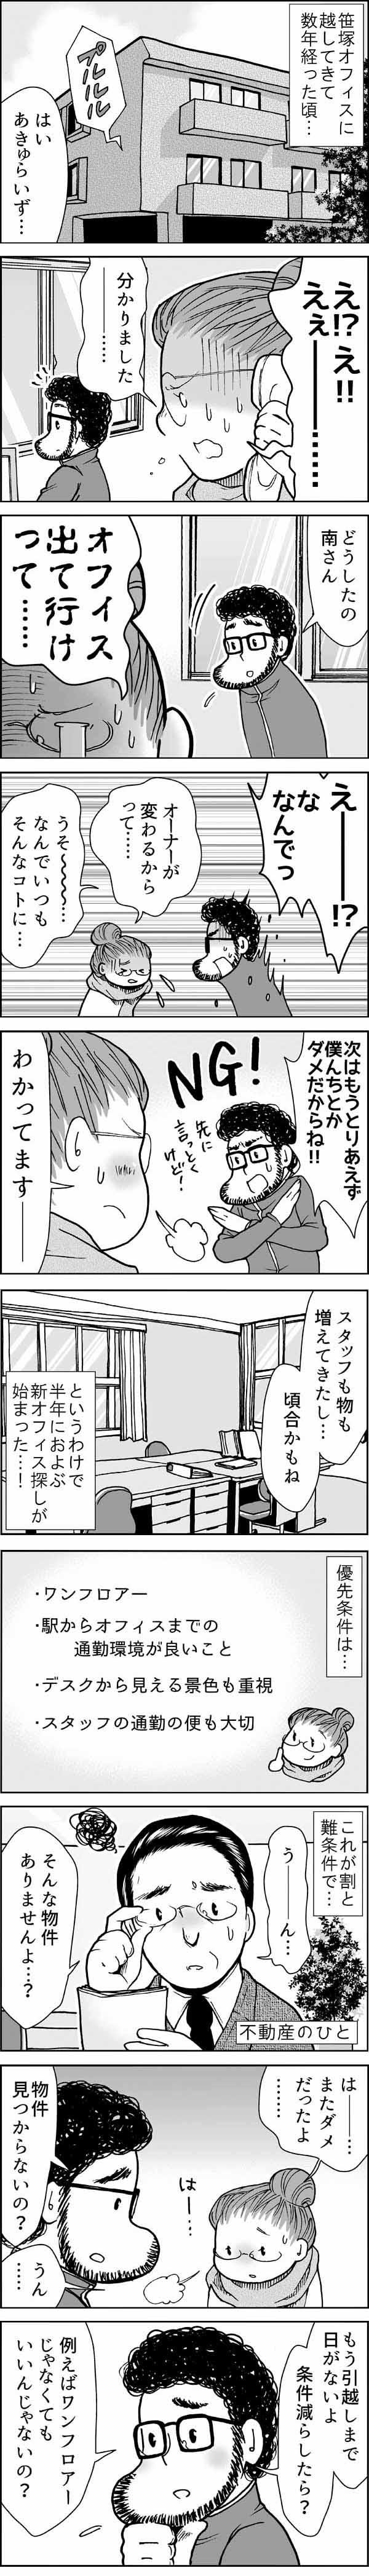 16-01.jpg